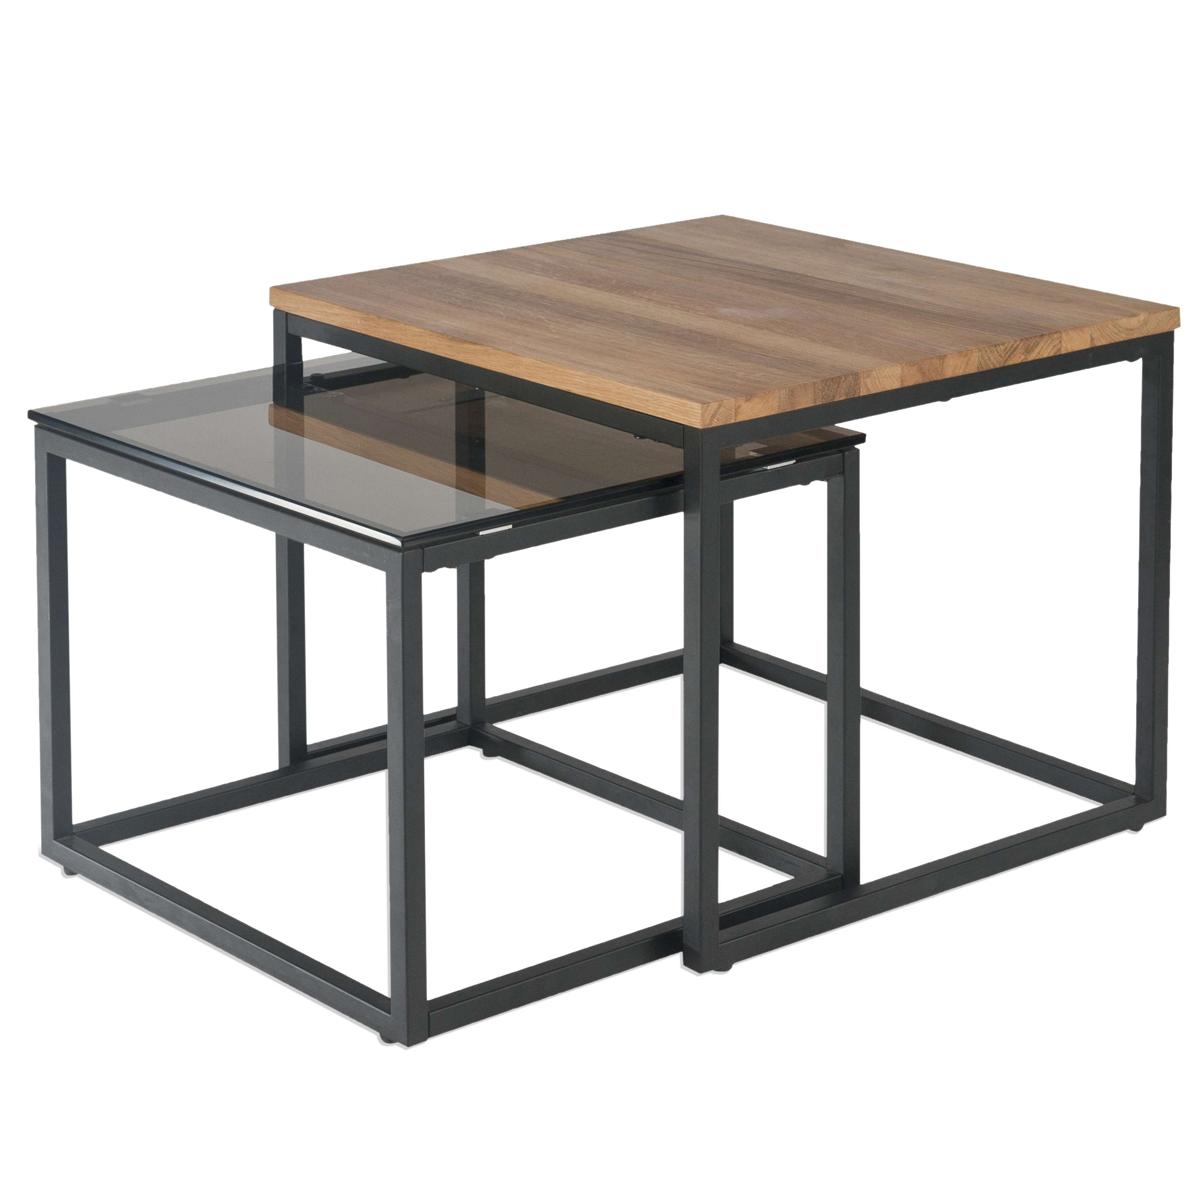 Restaurant Tische Kommerziellen Möbel Sanft Edelstahl Bar Tisch Basis Rahmen Hohe QualitäT Und Preiswert